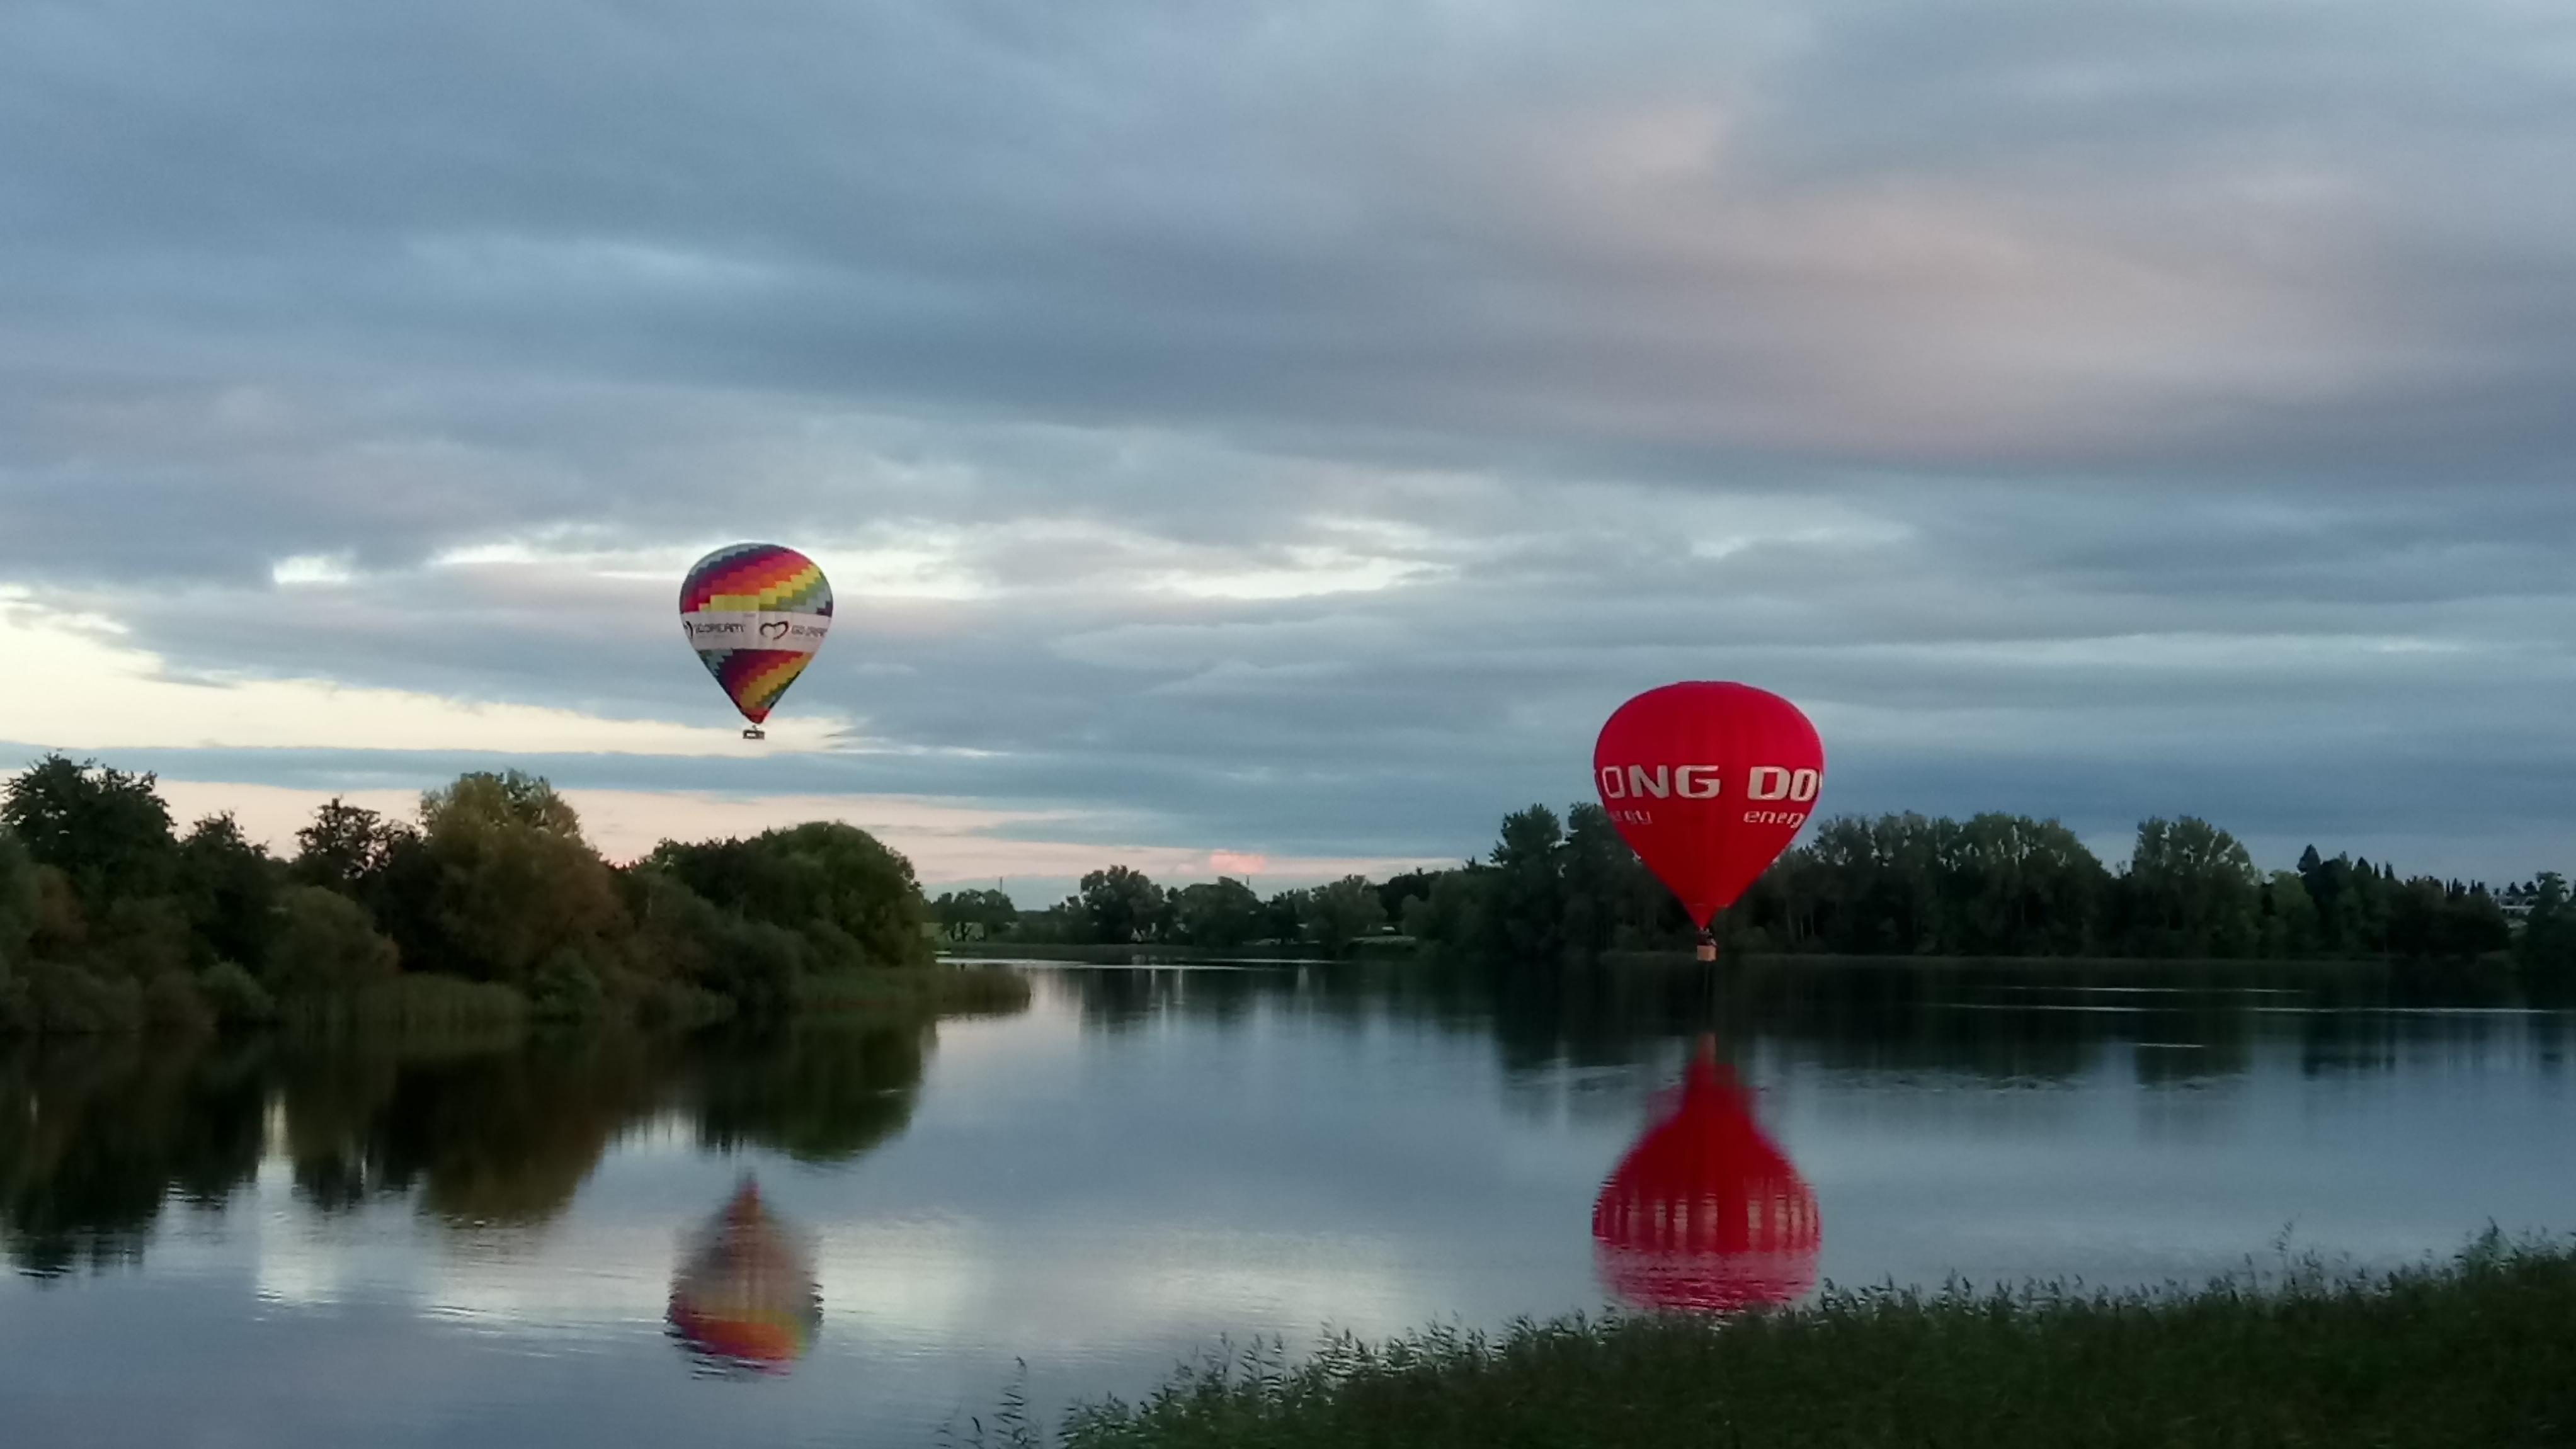 luftballoner_kimmerslev_soe_jakob_holmgaard_20092017.jpg